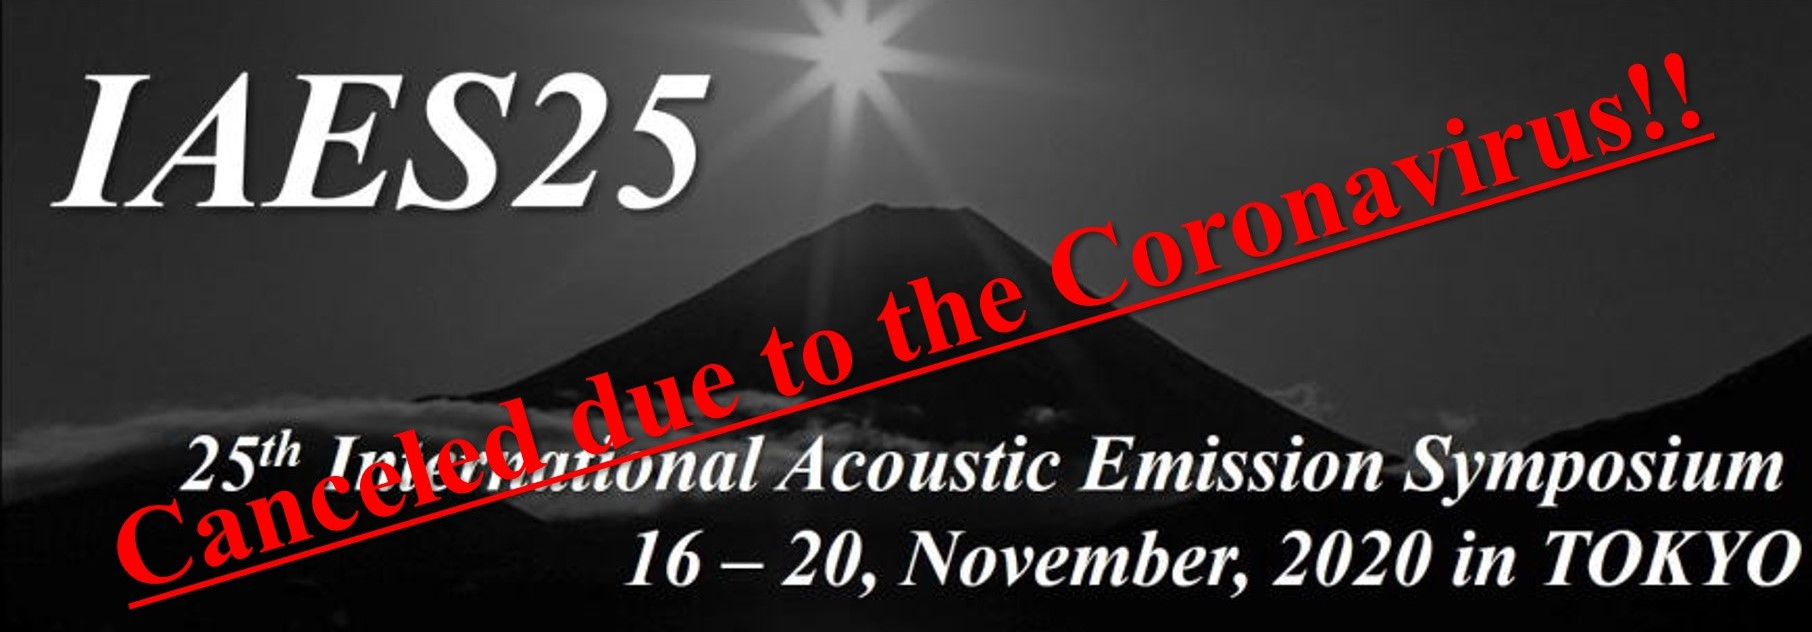 IAES25 – 25th International Acoustic Emission Symposium November 16-20, 2020 – Canceled